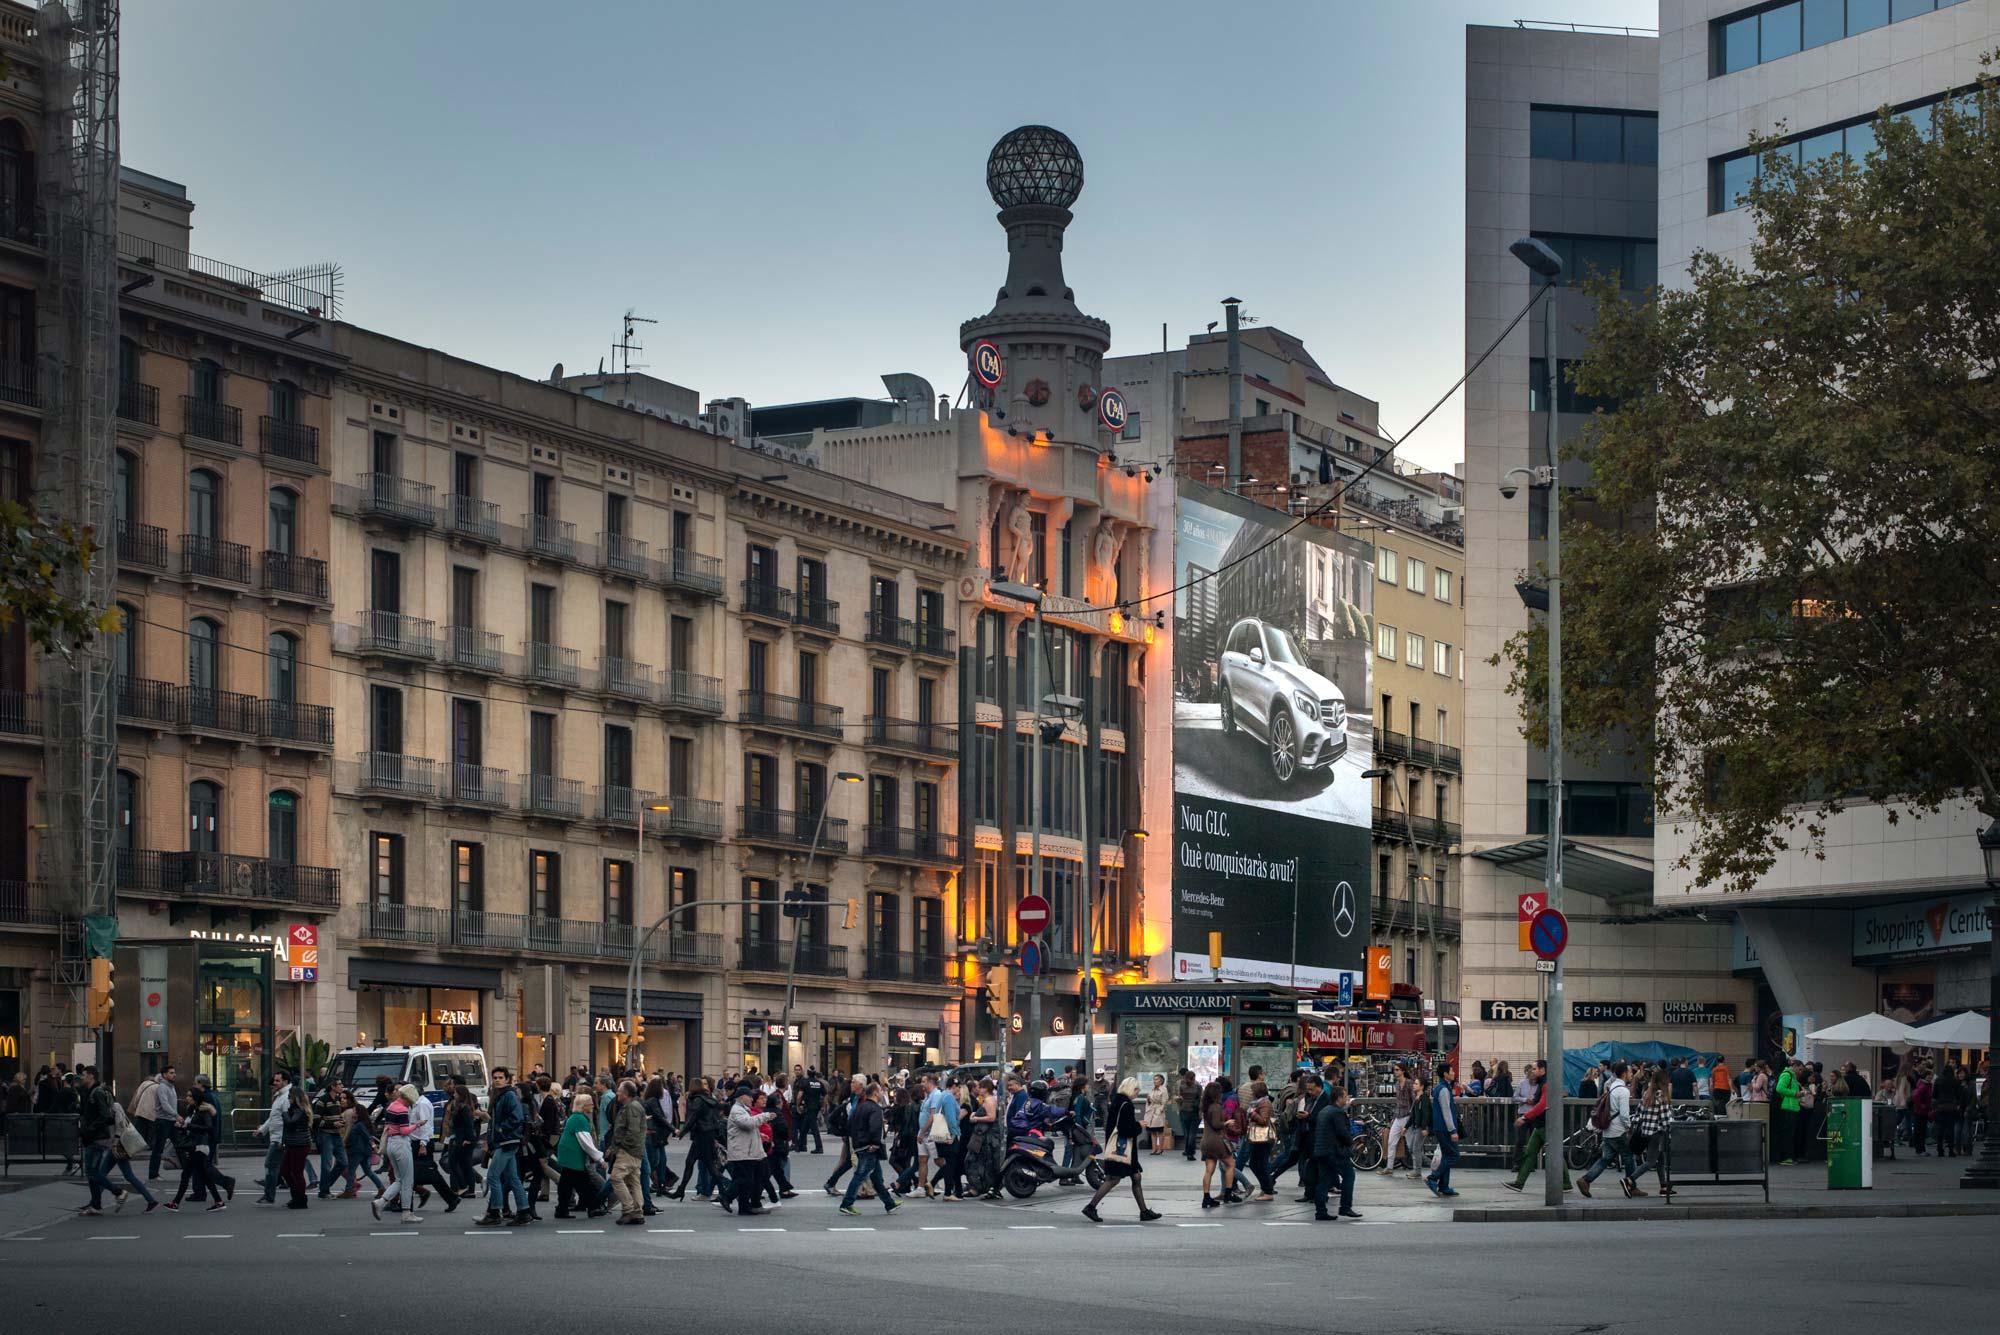 lona-publicitaria-barcelona-mercedes-glc-pelayo-frontal-vsa-comunicacion